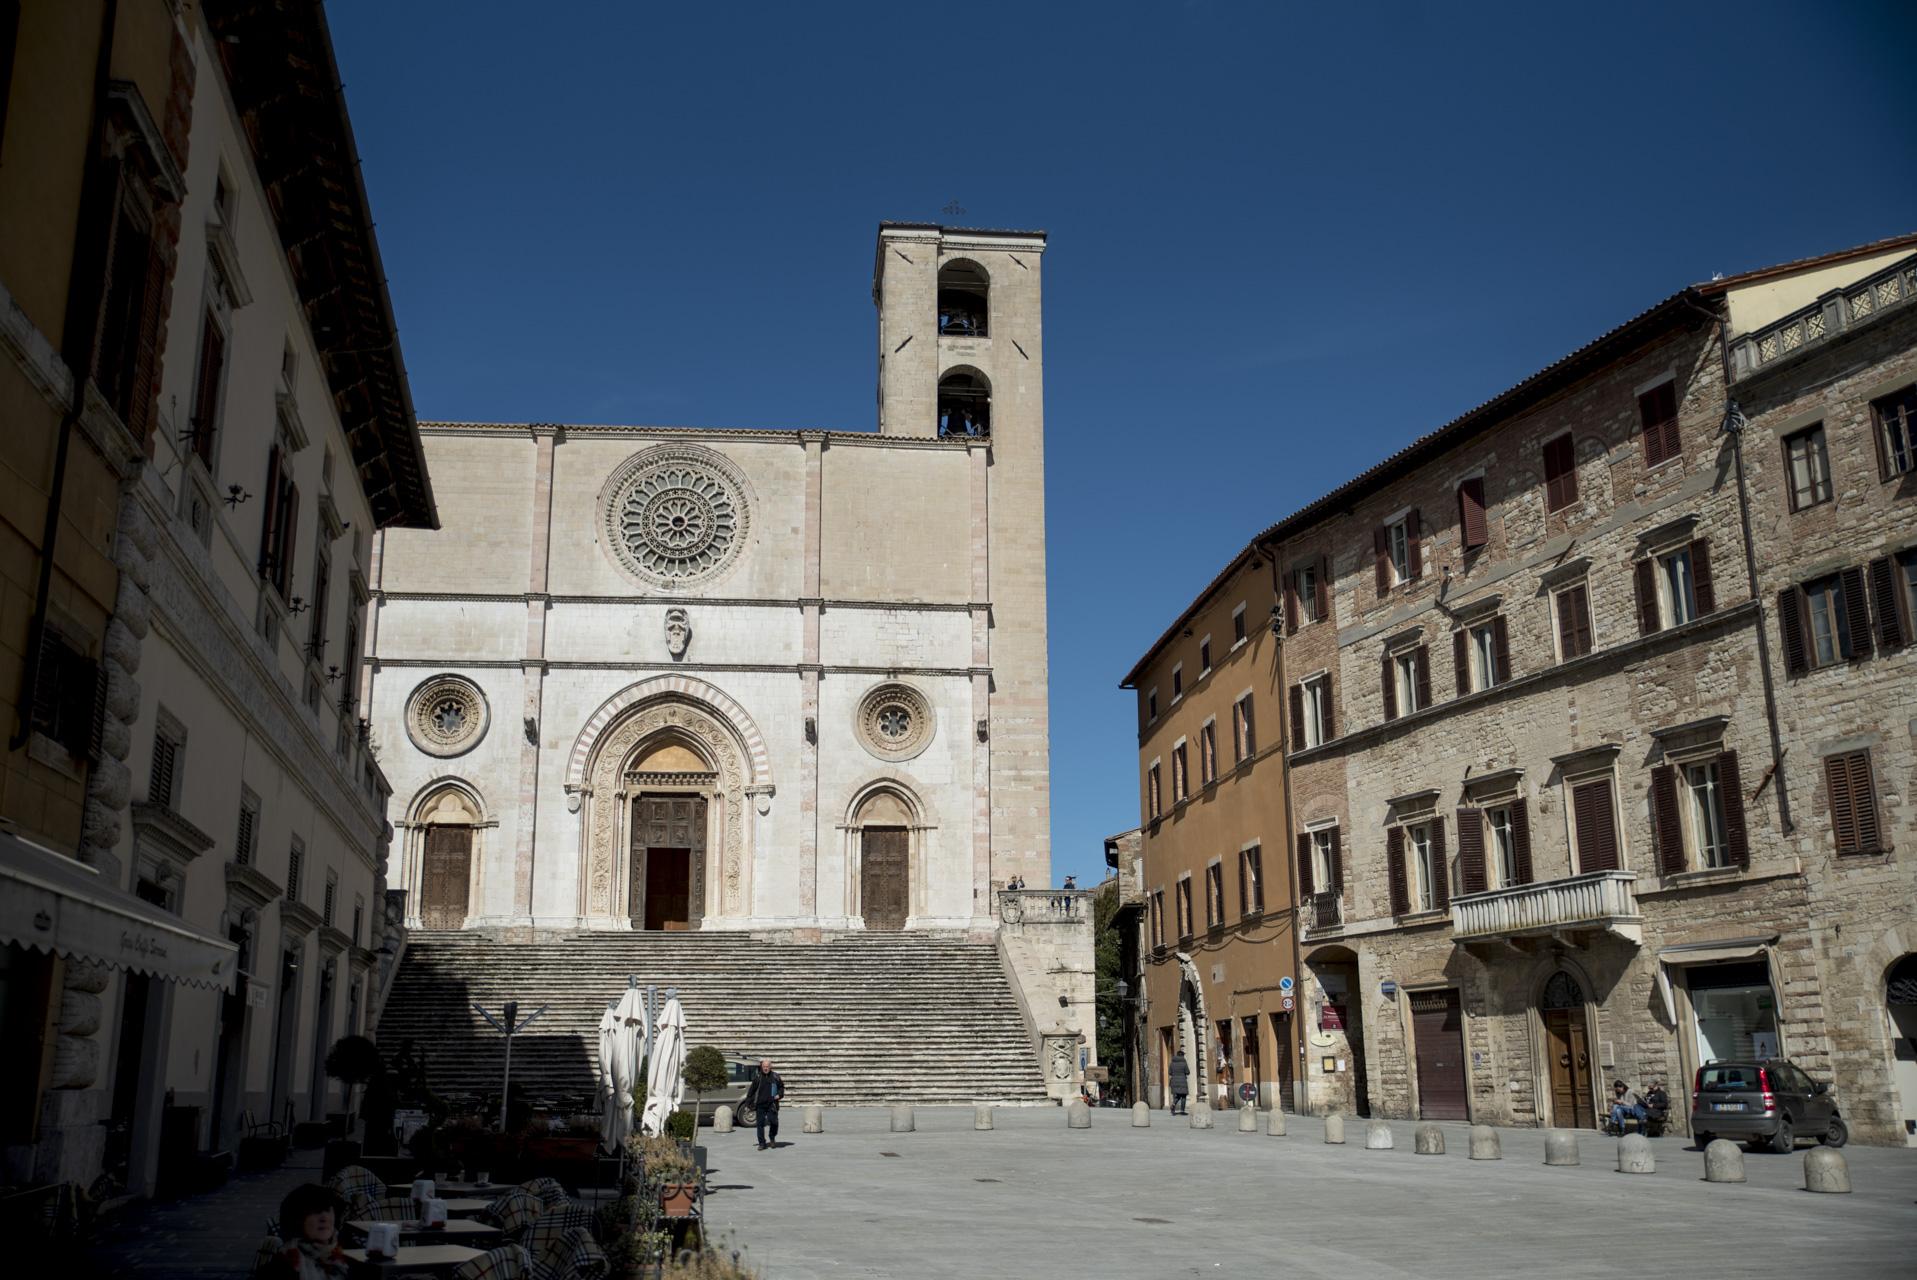 cattedrale-todi - Dome of Todi - Cathedral Todi